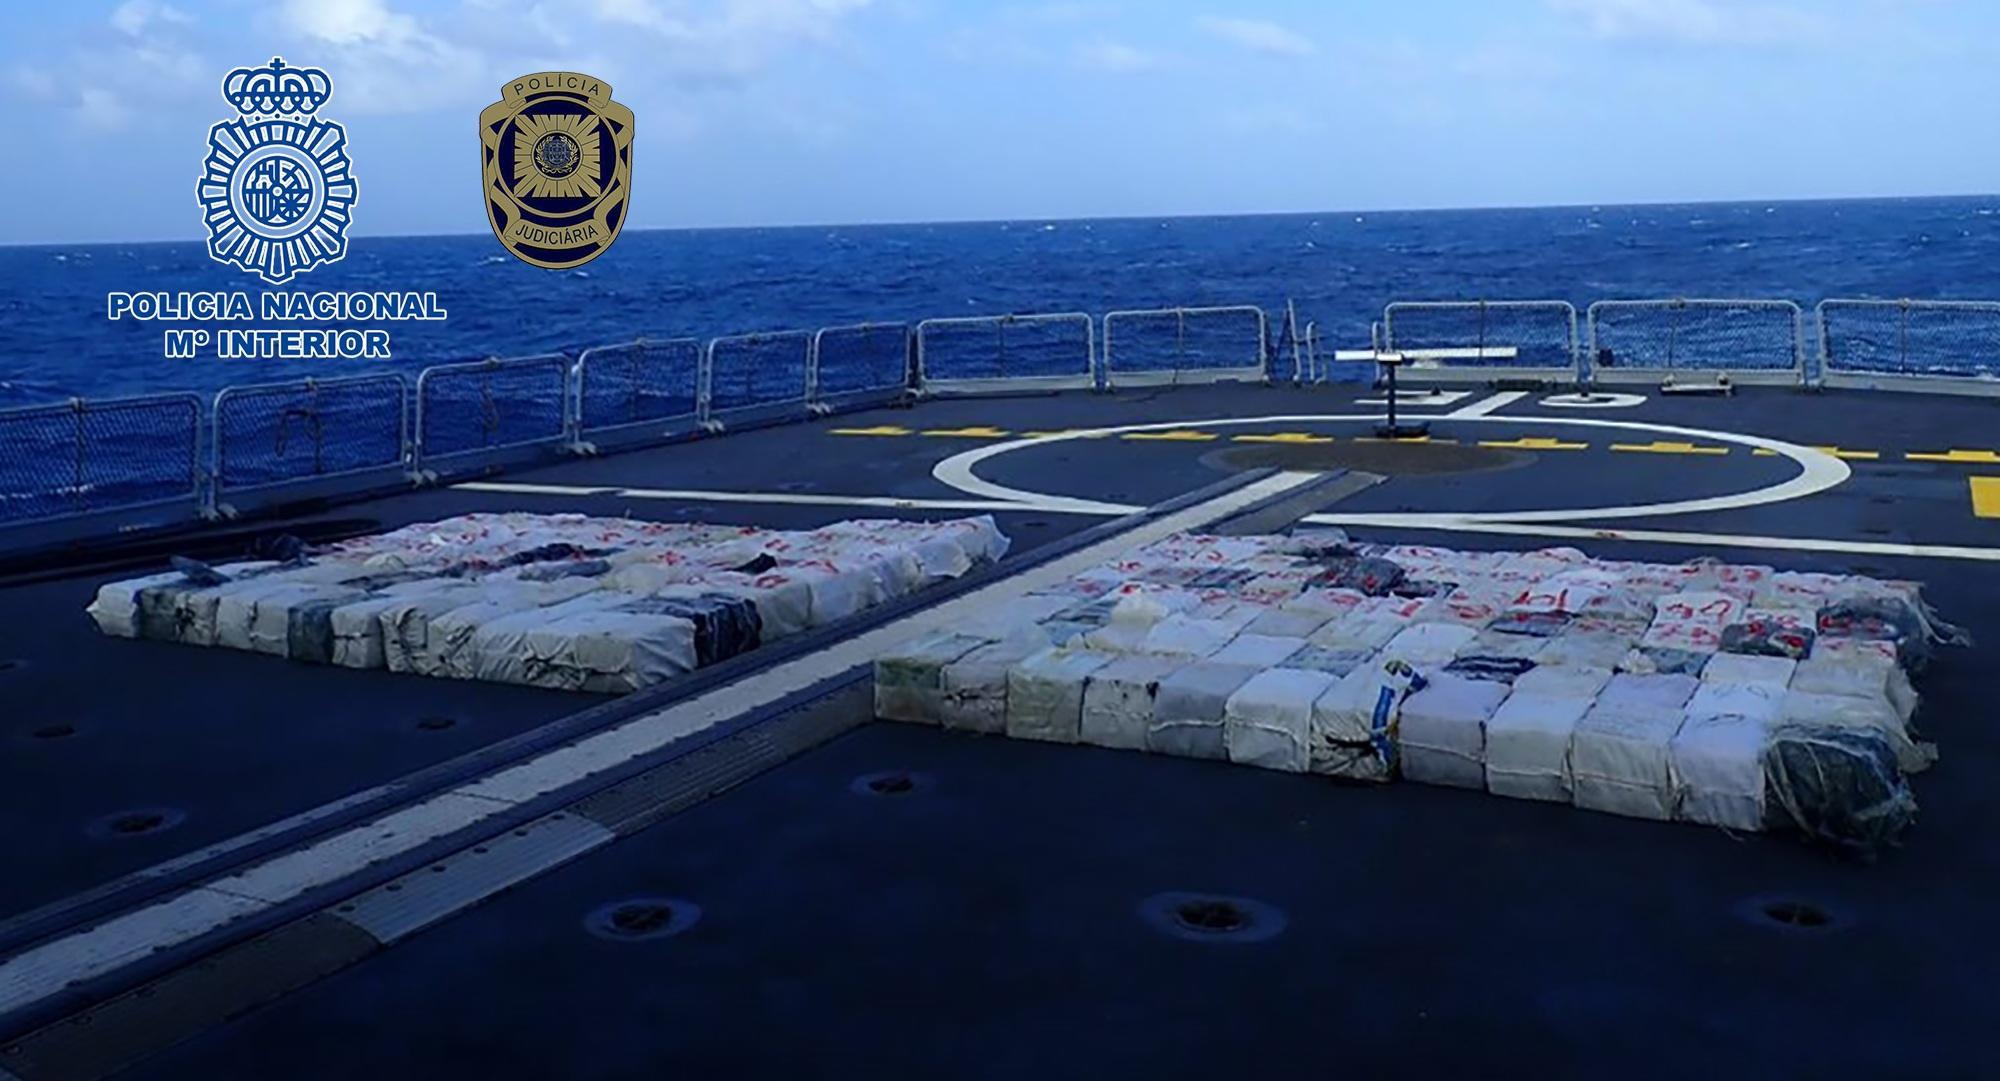 Intervenidos 4.248 kilogramos de cocaína en un pesquero venezolano